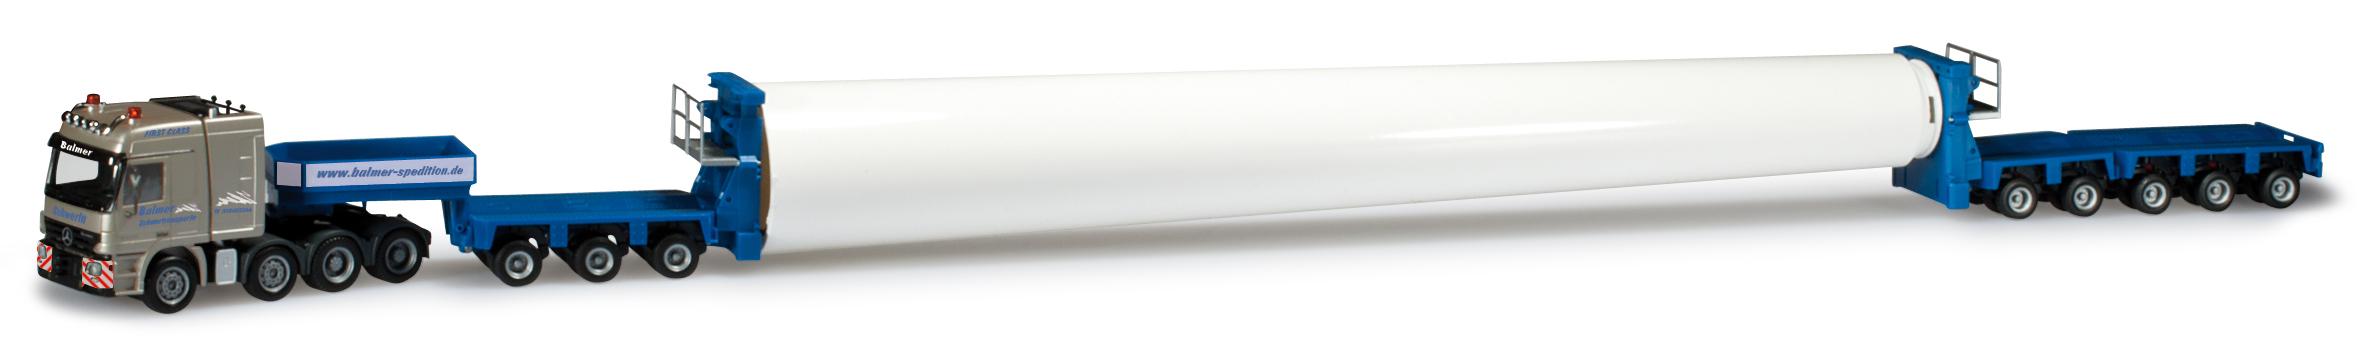 herpa-302067-3-set-mit-drei-mercedes-benz-goldhofer-sattelzuegen-mit-turmteilen-oberteil